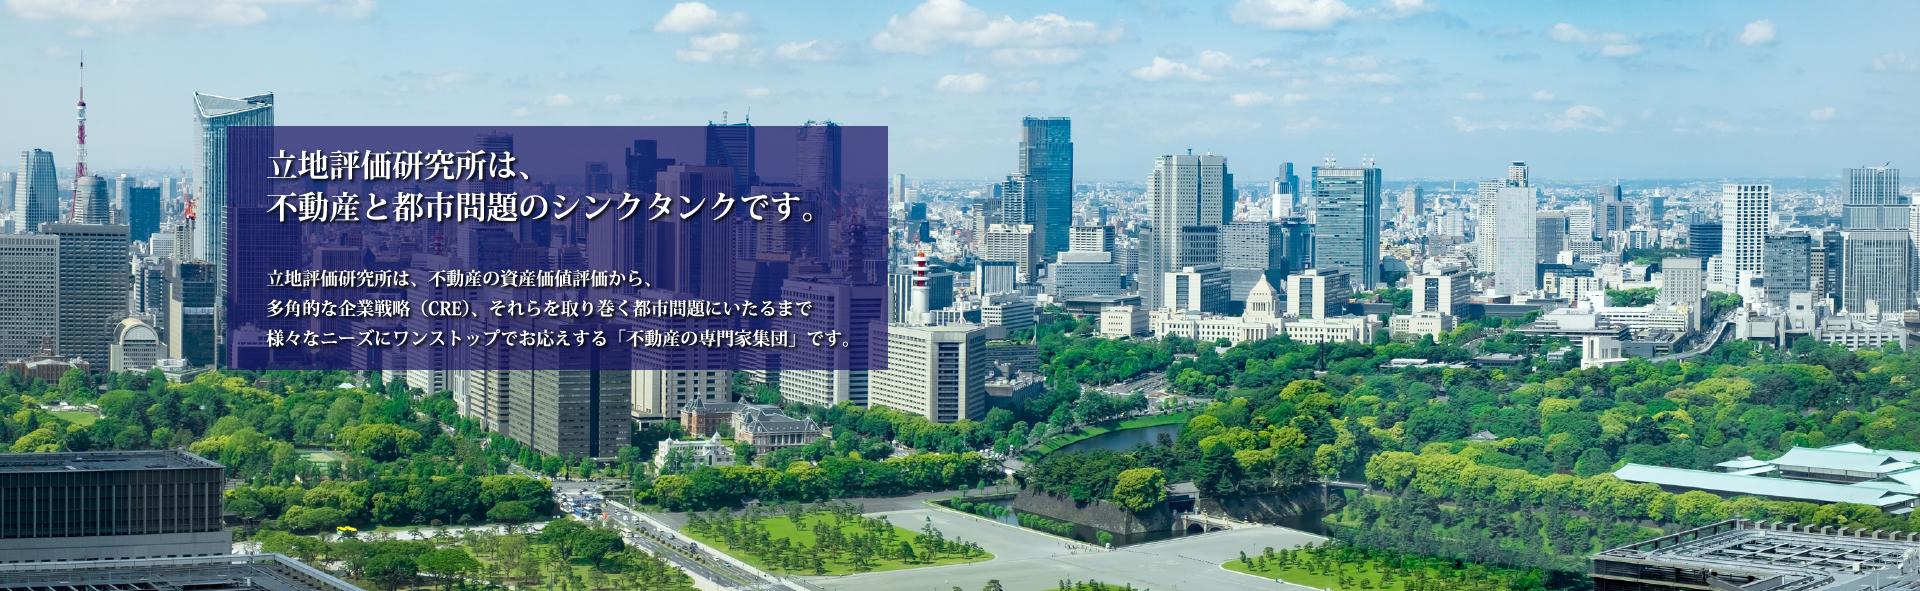 立地評価研究所は、不動産と都市問題のシンクタンクです。